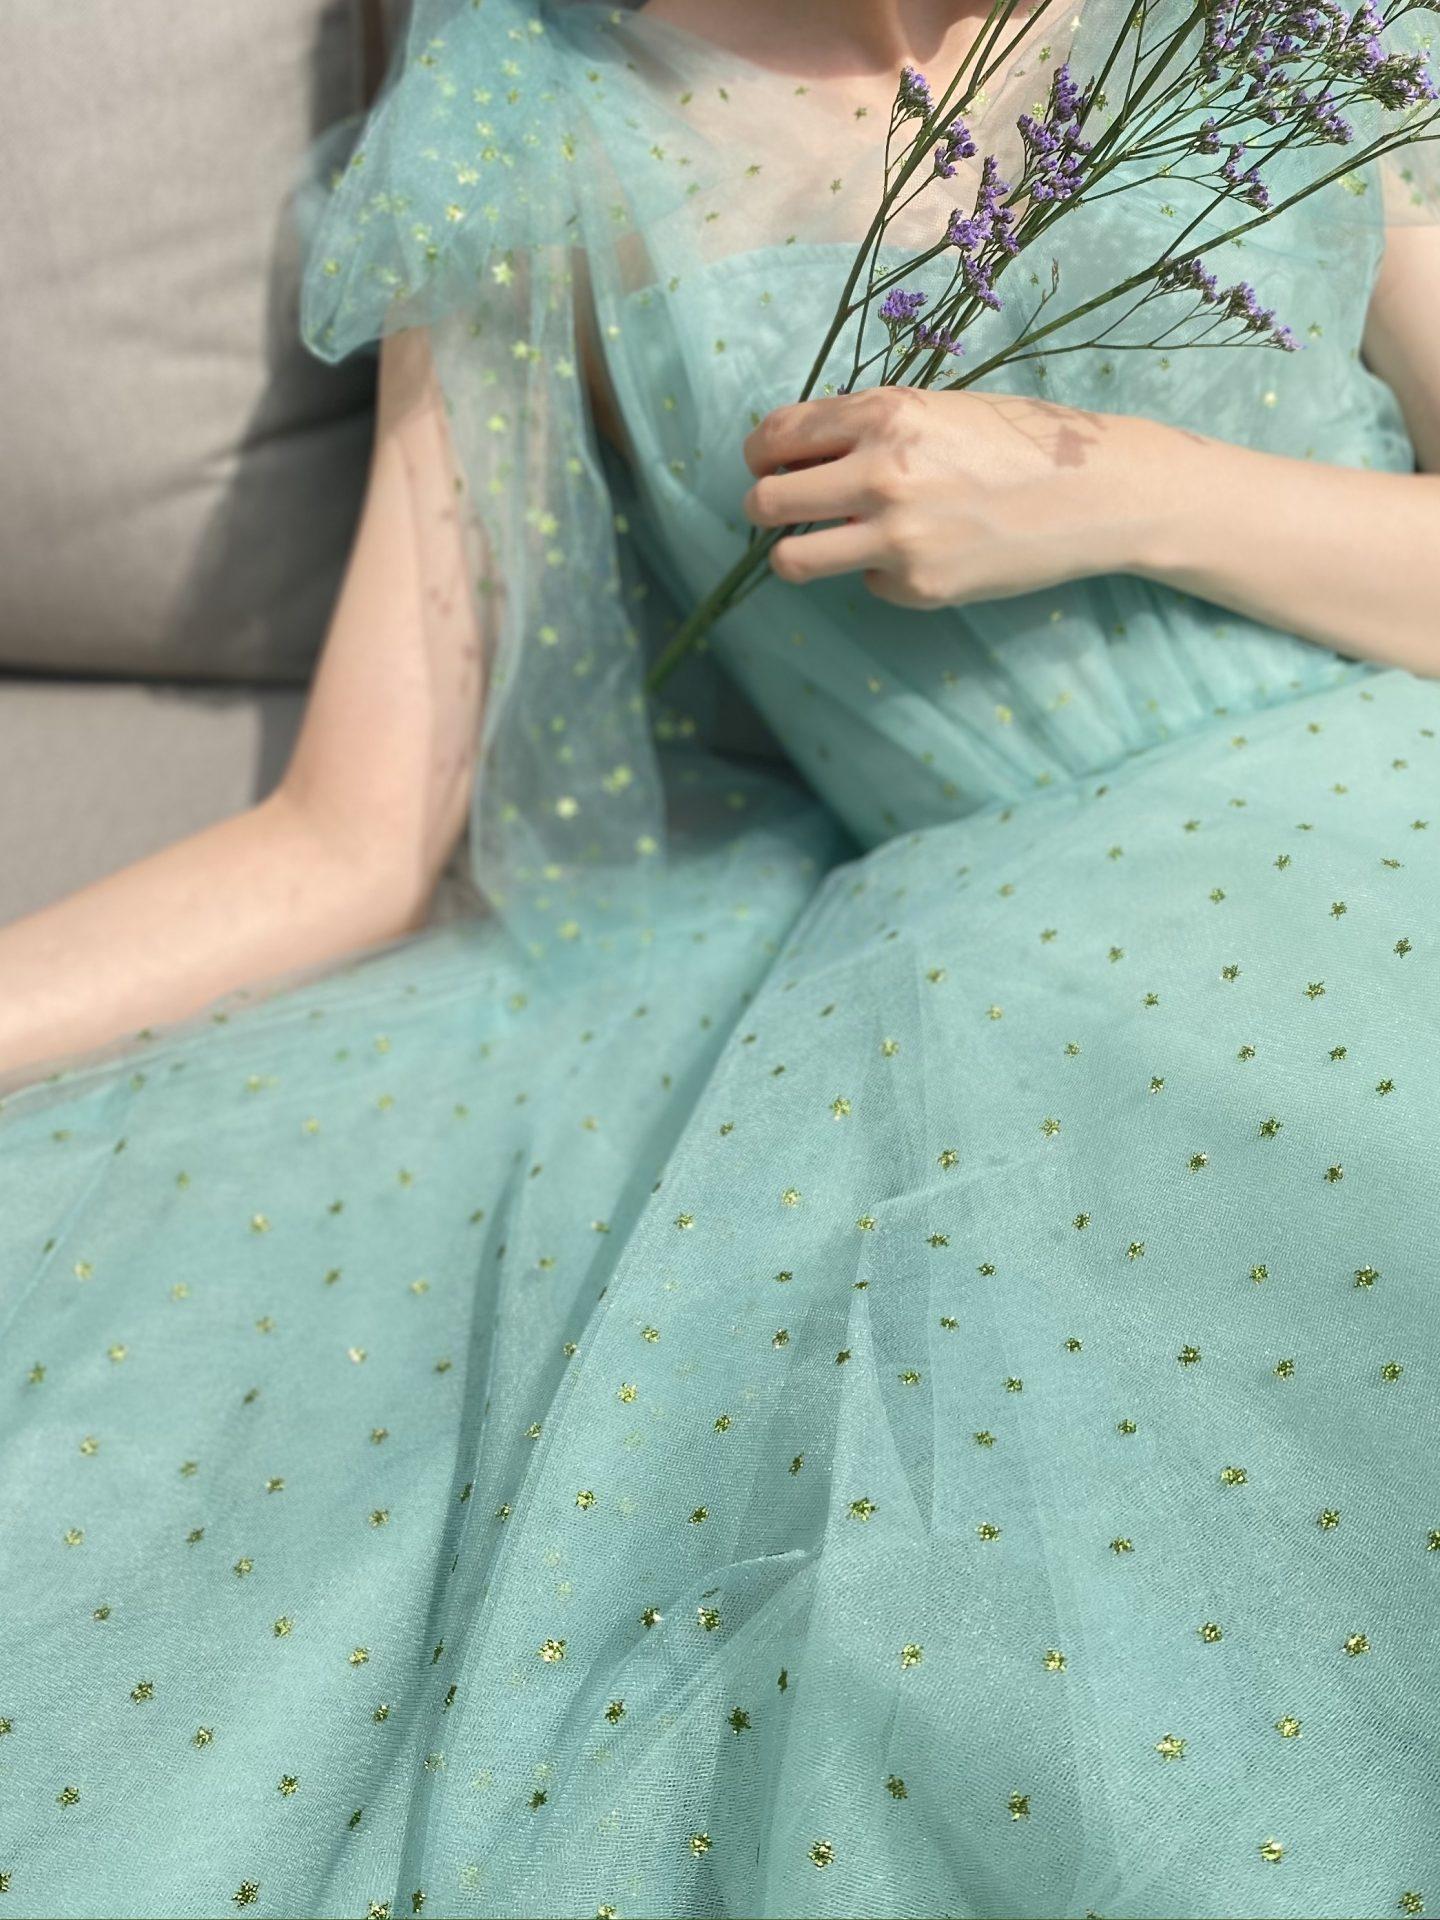 ソファ席に映えるモニークルイリエのグリーンののカラードレスをお召しになった花嫁様